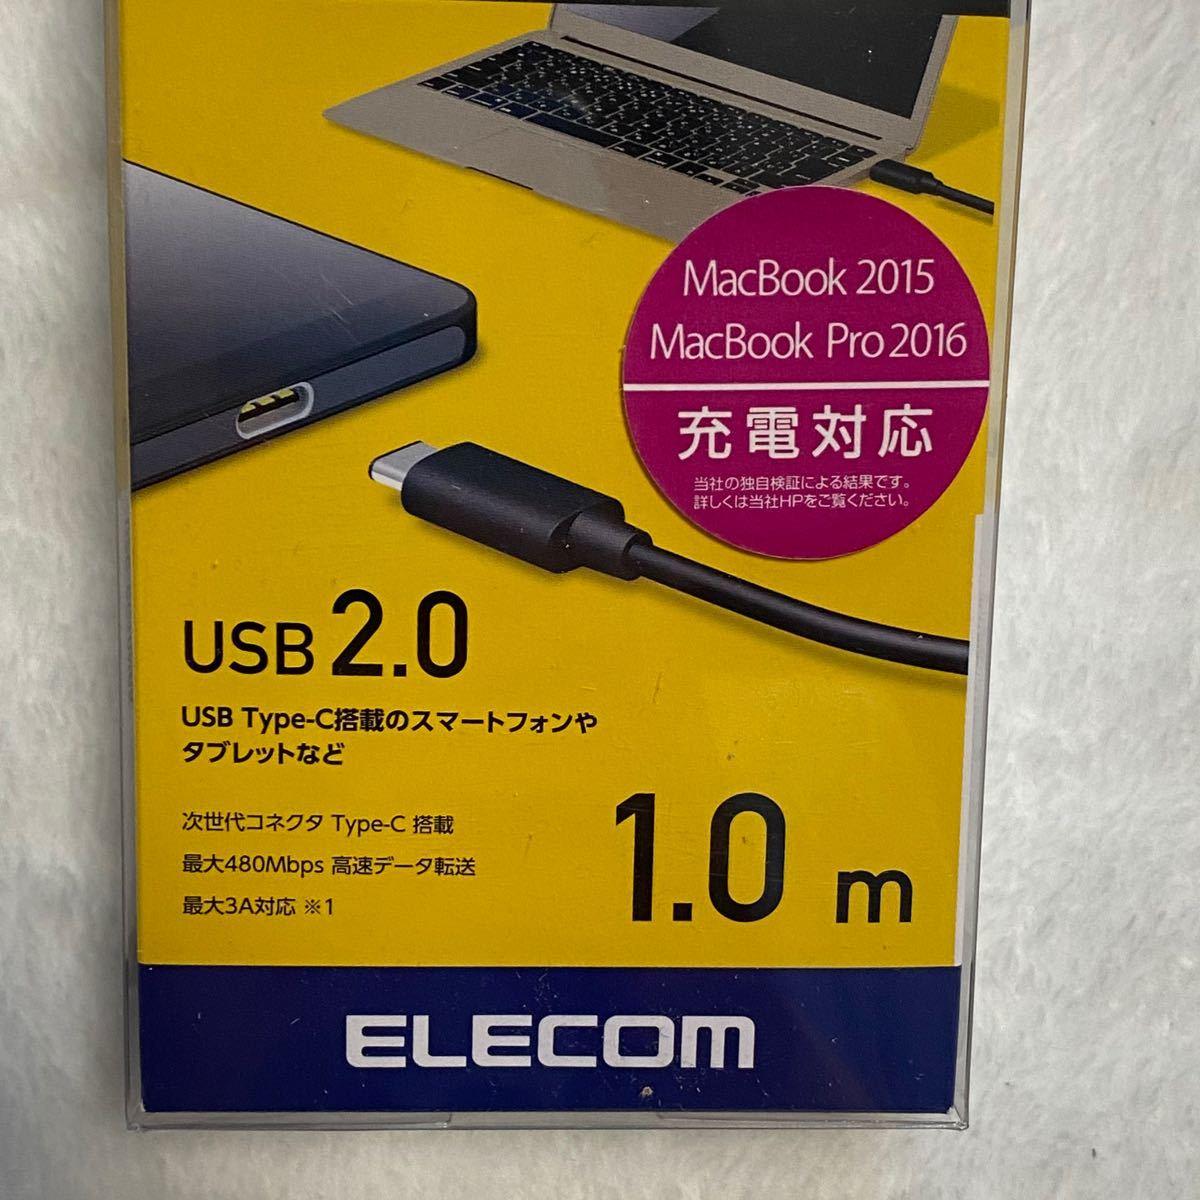 エレコム USBケーブル TypeC 1.0m USB2.0認証品 3Aブラック ELECOM U2C-CC10NBK